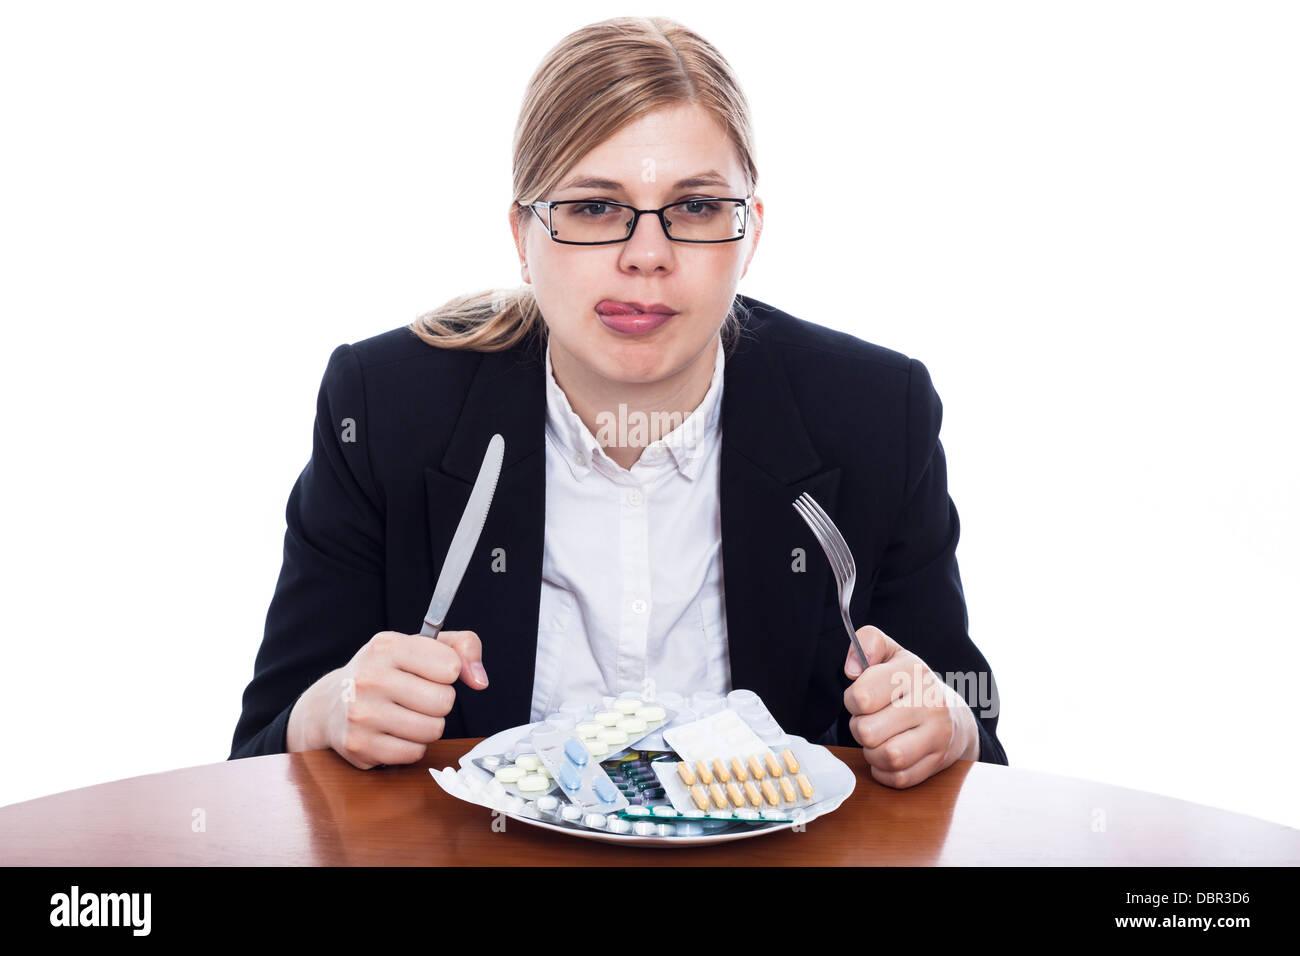 Donna andando a mangiare i prodotti farmaceutici, pillole dipendenza concetto, isolati su sfondo bianco. Immagini Stock